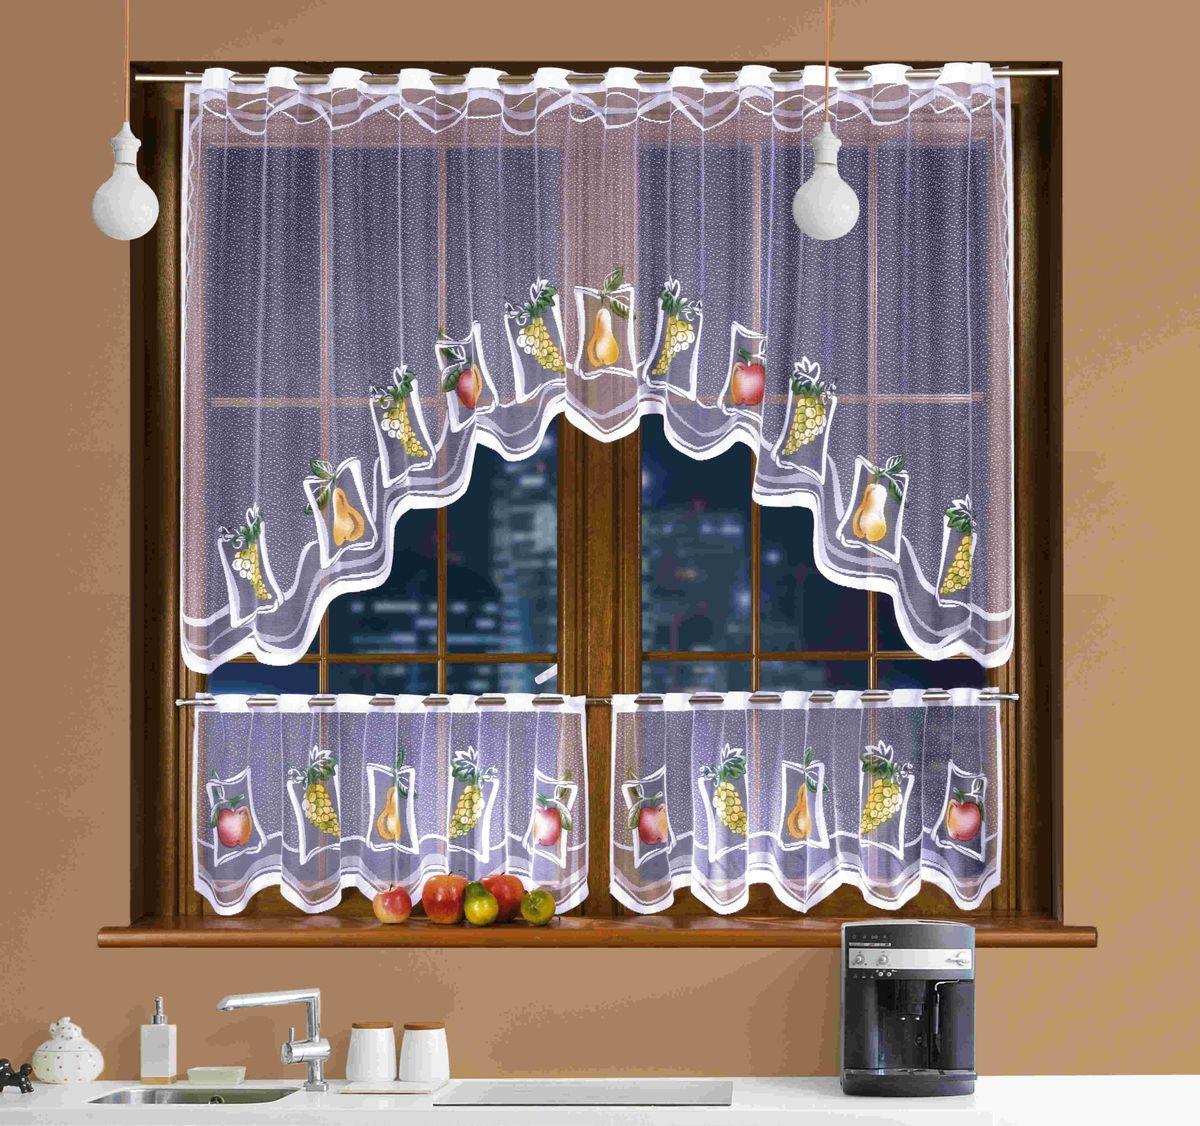 Комплект штор для кухни Wisan Martynika, на кулиске, цвет: белый, высота 250 смСW1741V70000Комплект штор Wisan Martynika, выполненный из легкого полиэстера белого цвета, станет великолепным украшением кухонного окна. В набор входит шторка и два ламбрекена для нижних створок окна. Тонкое плетение и нежная цветовая гамма привлекут внимание и органично впишутся в интерьер кухни. Штора и ламбрекены оснащены кулиской для размещения на круглом карнизе. В комплект входит: Ламбрекен: 2 шт. Размер (Ш х В): 130 см х 45 см. Штора: 2 шт. Размер (Ш х В): 150 см х 240 см.Фирма Wisan на польском рынке существует уже более пятидесяти лет и является одной из лучших польских фабрик по производству штор и тканей. Ассортимент фирмы представлен готовыми комплектами штор для гостиной, детской, кухни, а также текстилем для кухни (скатерти, салфетки, дорожки, кухонные занавески). Модельный ряд отличает оригинальный дизайн, высокое качество. Ассортимент продукции постоянно пополняется.